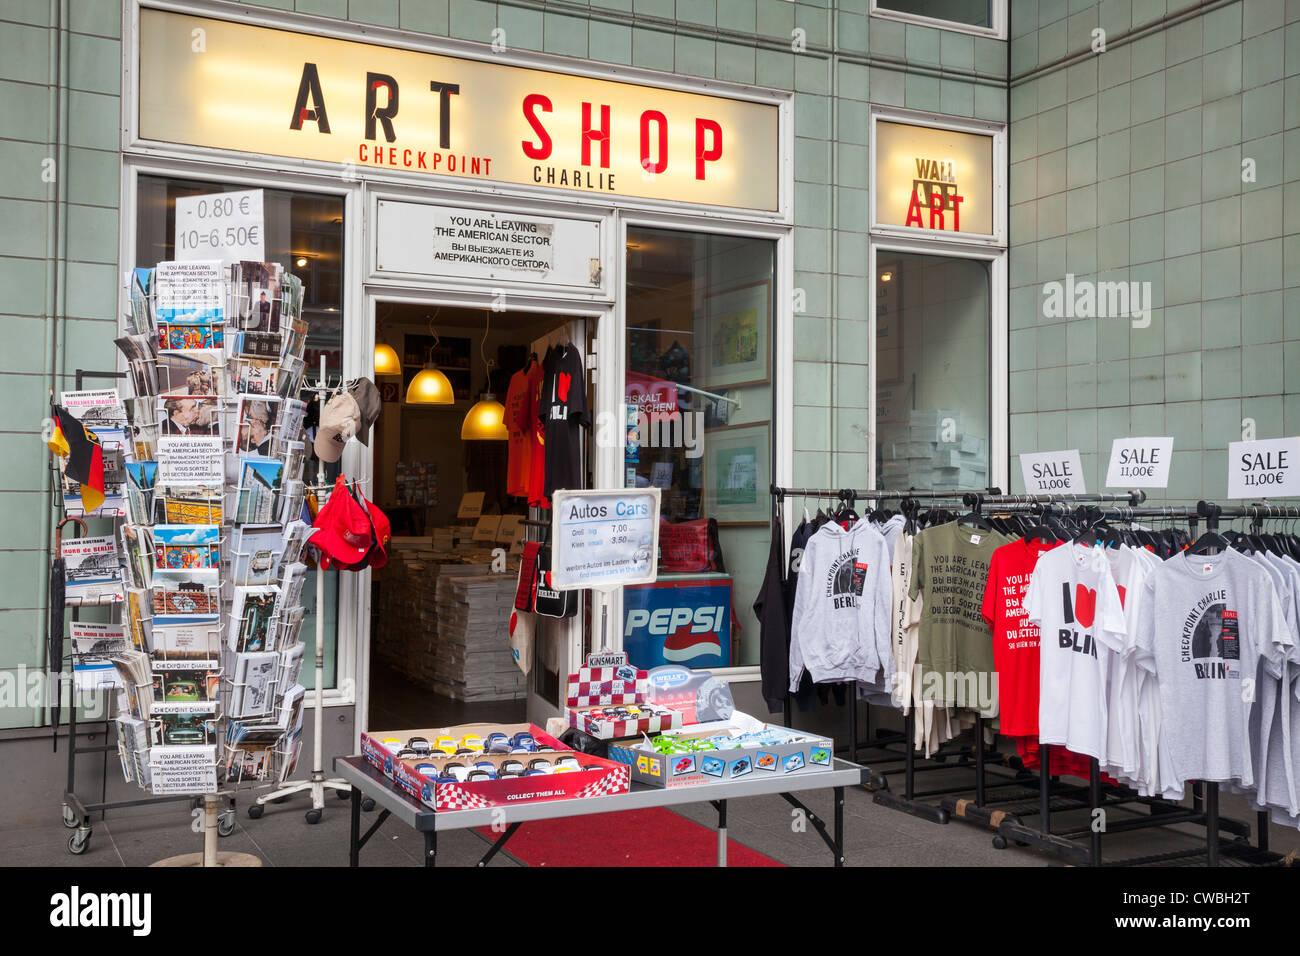 Tiendas turísticas en el Checkpoint Charlie, Berlín, Alemania Imagen De Stock